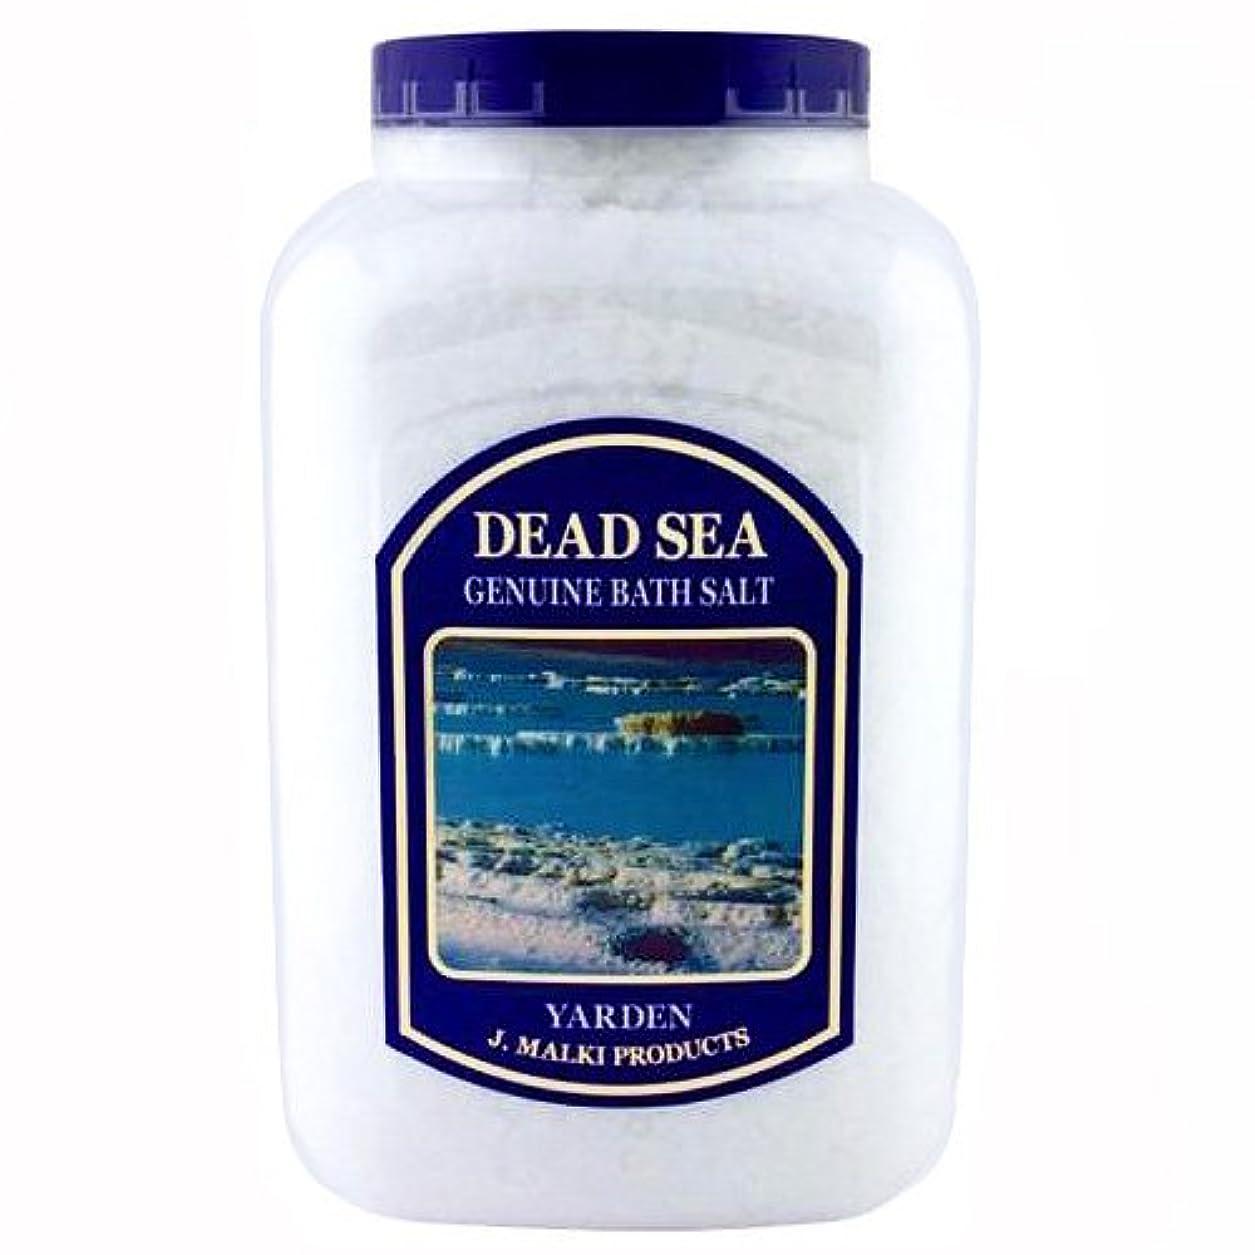 ヤギ軽減するがっかりしたデッドシー?バスソルト 4.5kg(約45回分)【DEAD SEA BATH SALT】死海の塩/入浴剤(入浴用化粧品)【正規販売店】